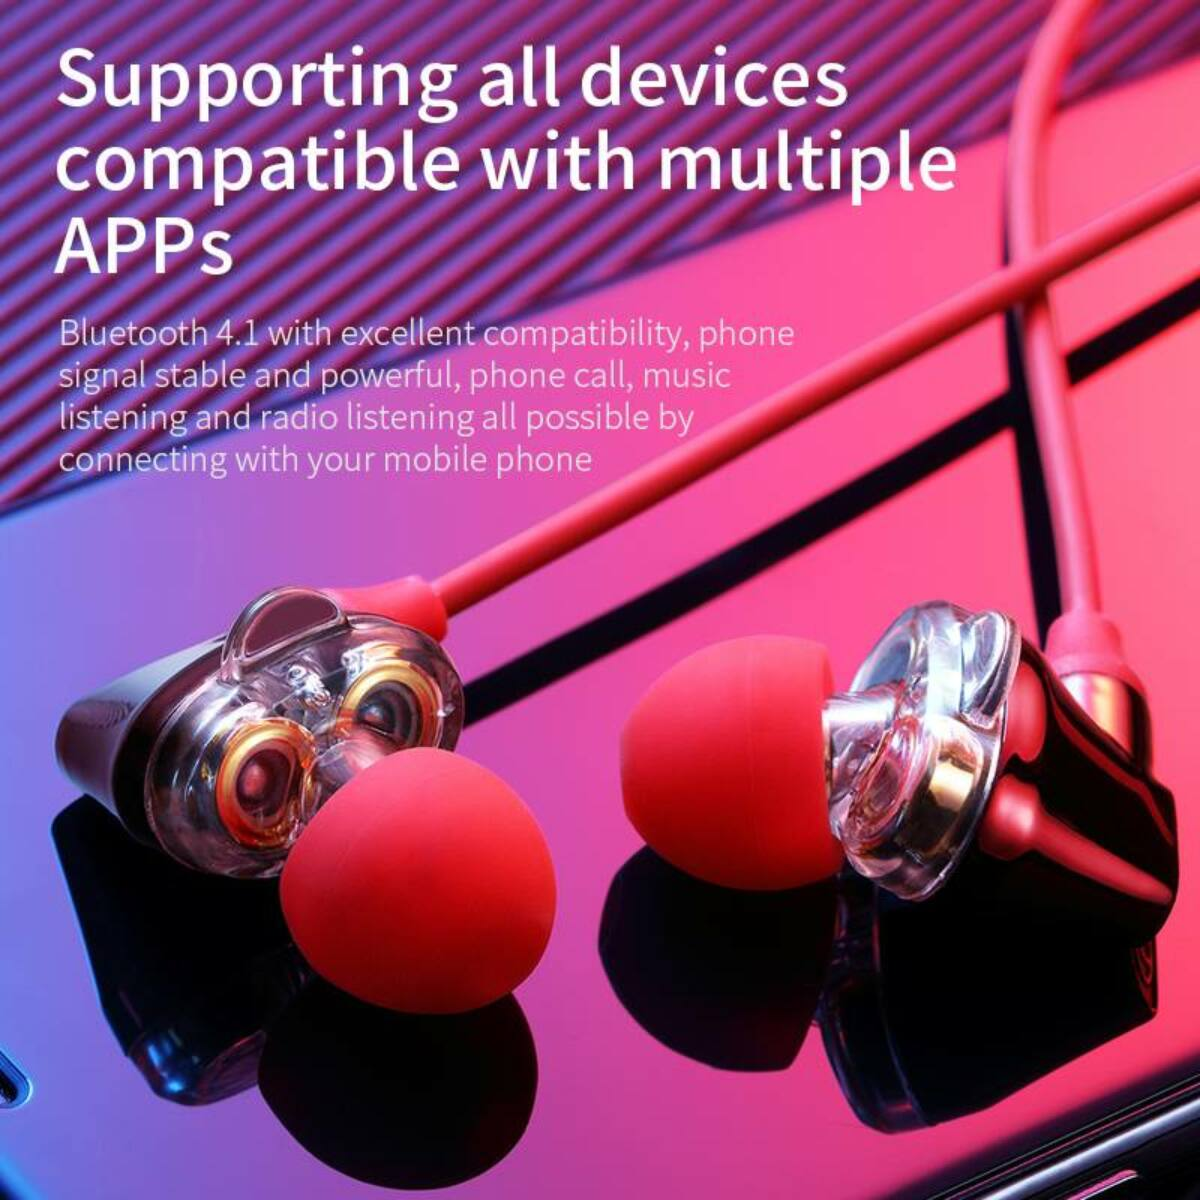 Baseus fülhallgató, Bluetooth Encok S10, Dual Moving-Coil vezeték nélküli headset, vezérlővel, piros (NGS10-09)